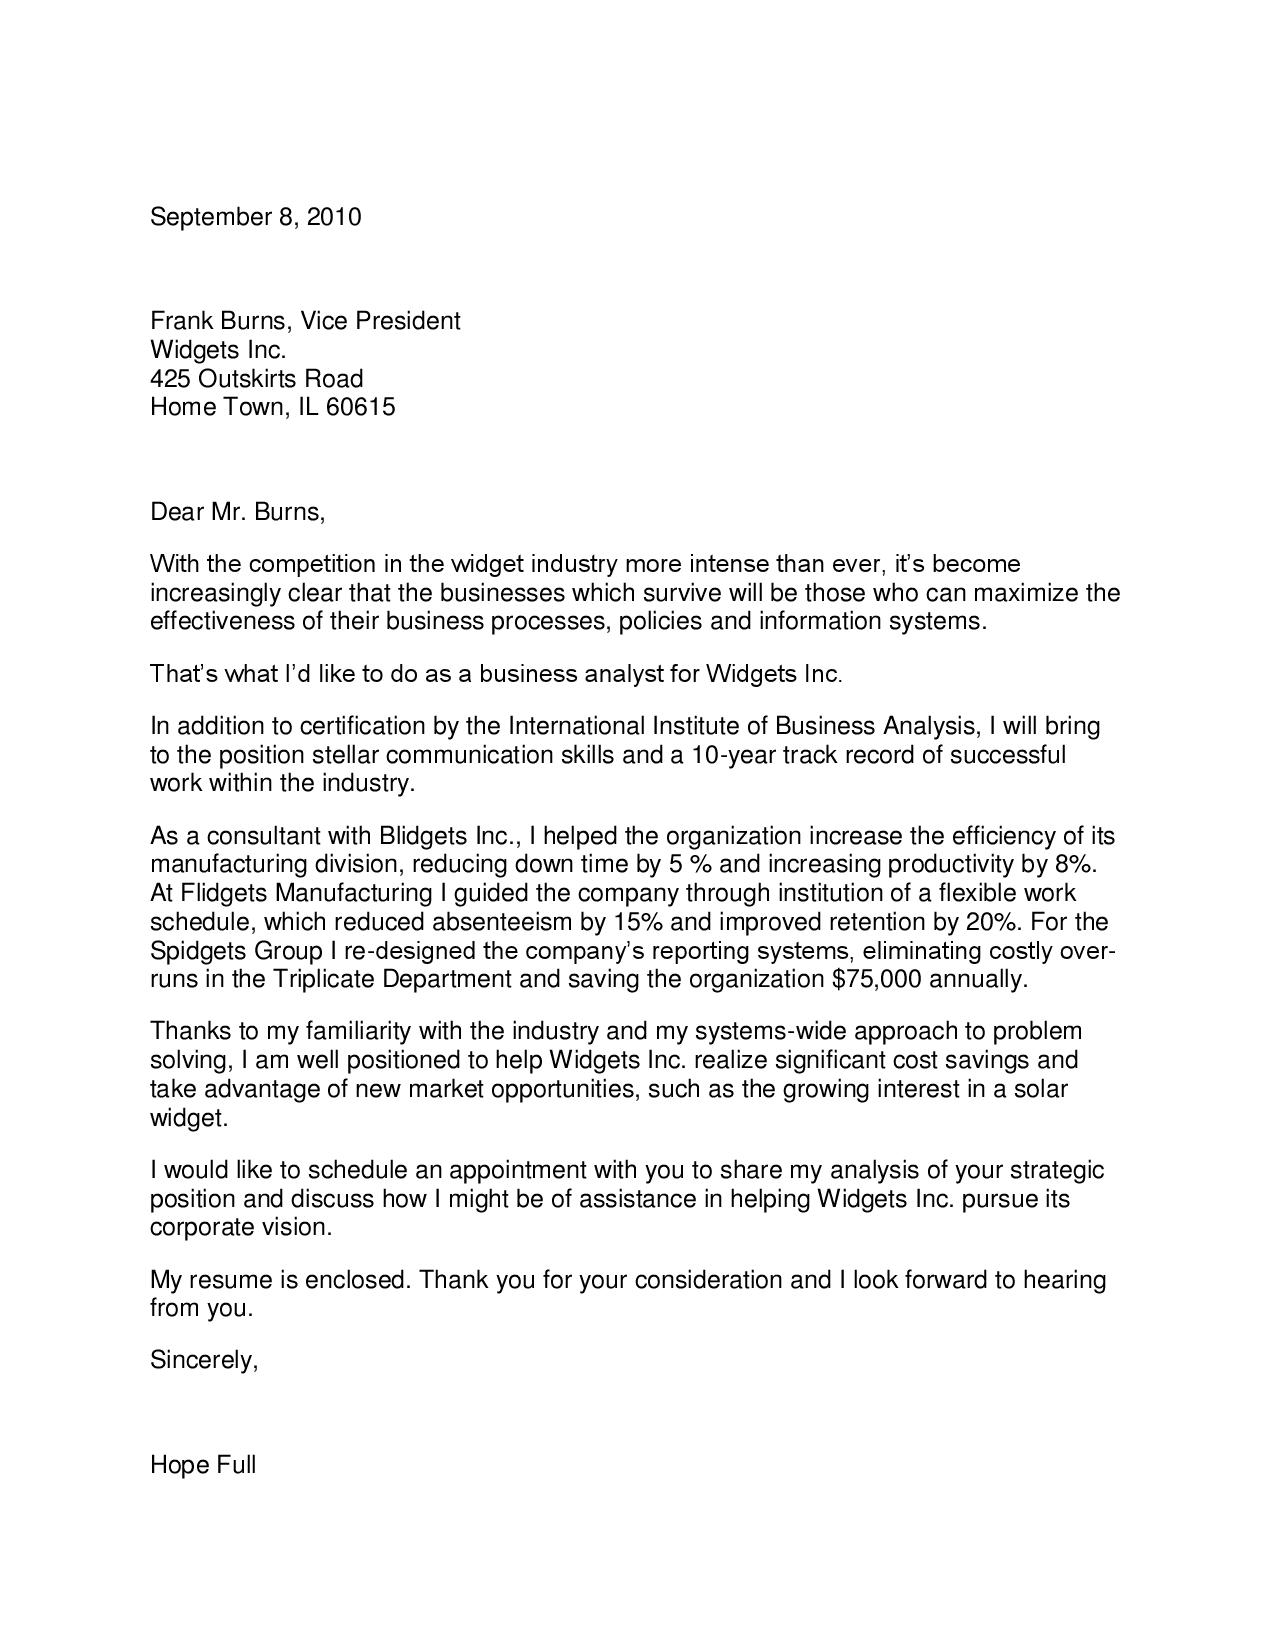 Strategist Cover Letter